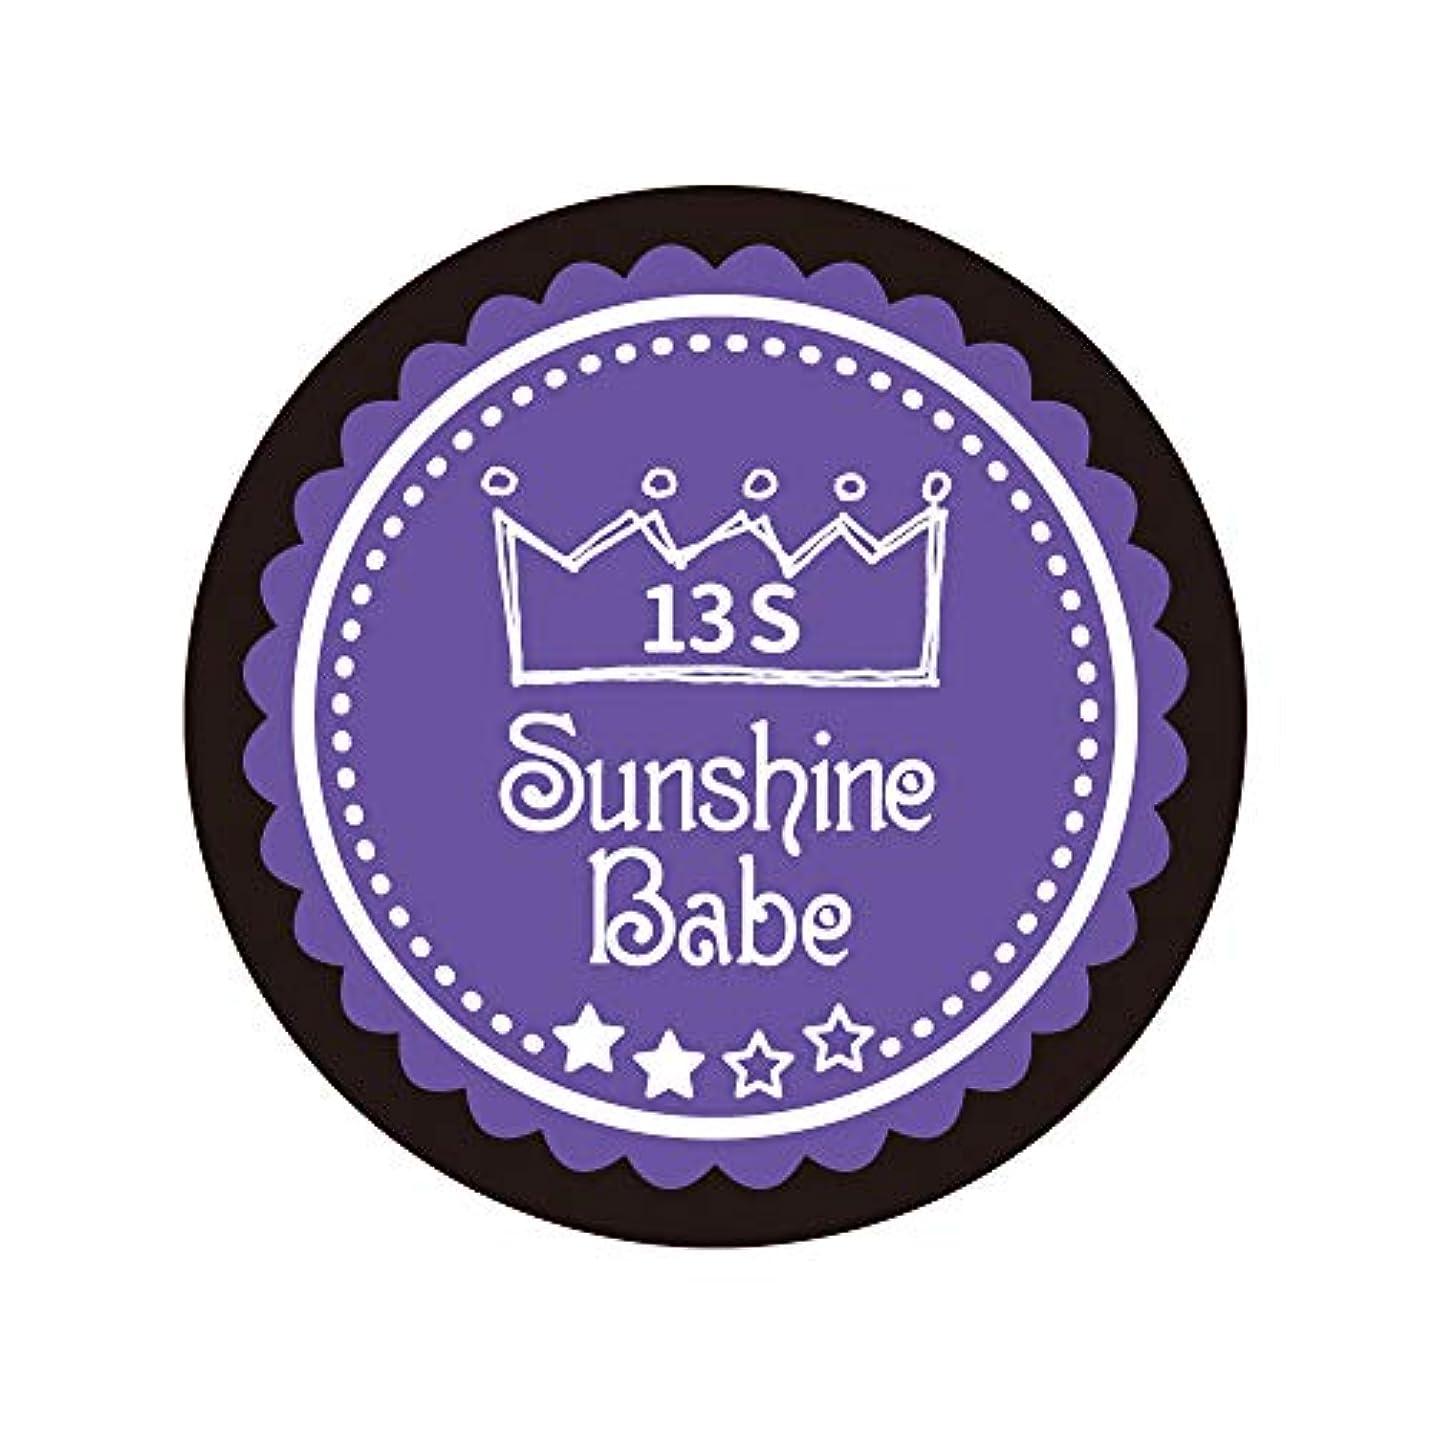 バトル保存豪華なSunshine Babe カラージェル 13S ウルトラバイオレット 2.7g UV/LED対応